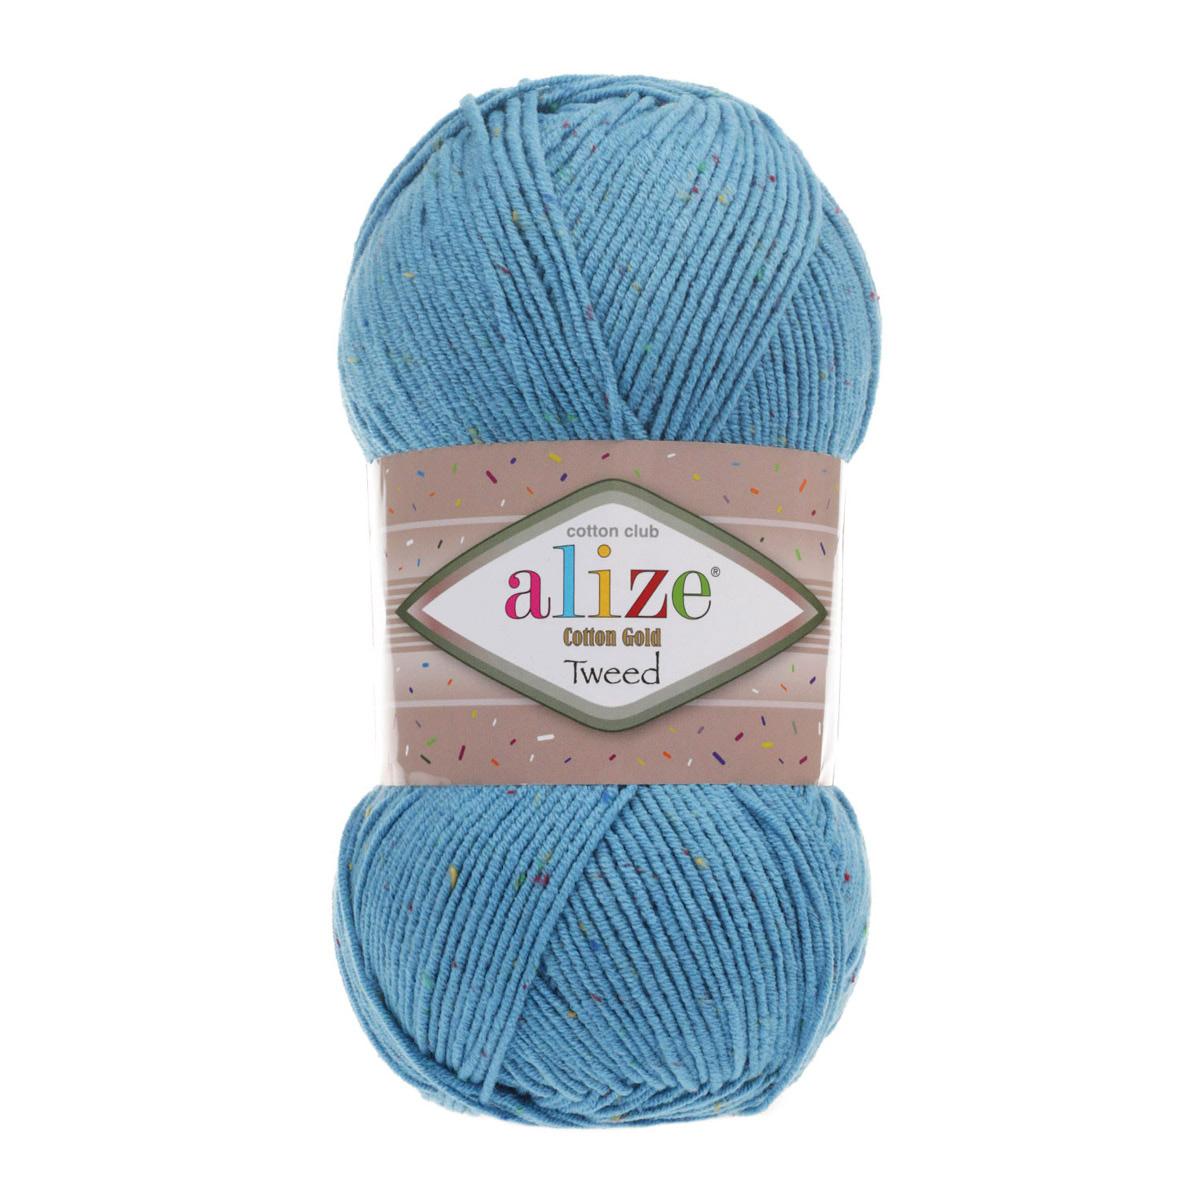 Пряжа Alize 'Cotton Gold Tweed' 100г 330м (57% хлопок, 40% акрил, 3% полиэстер)